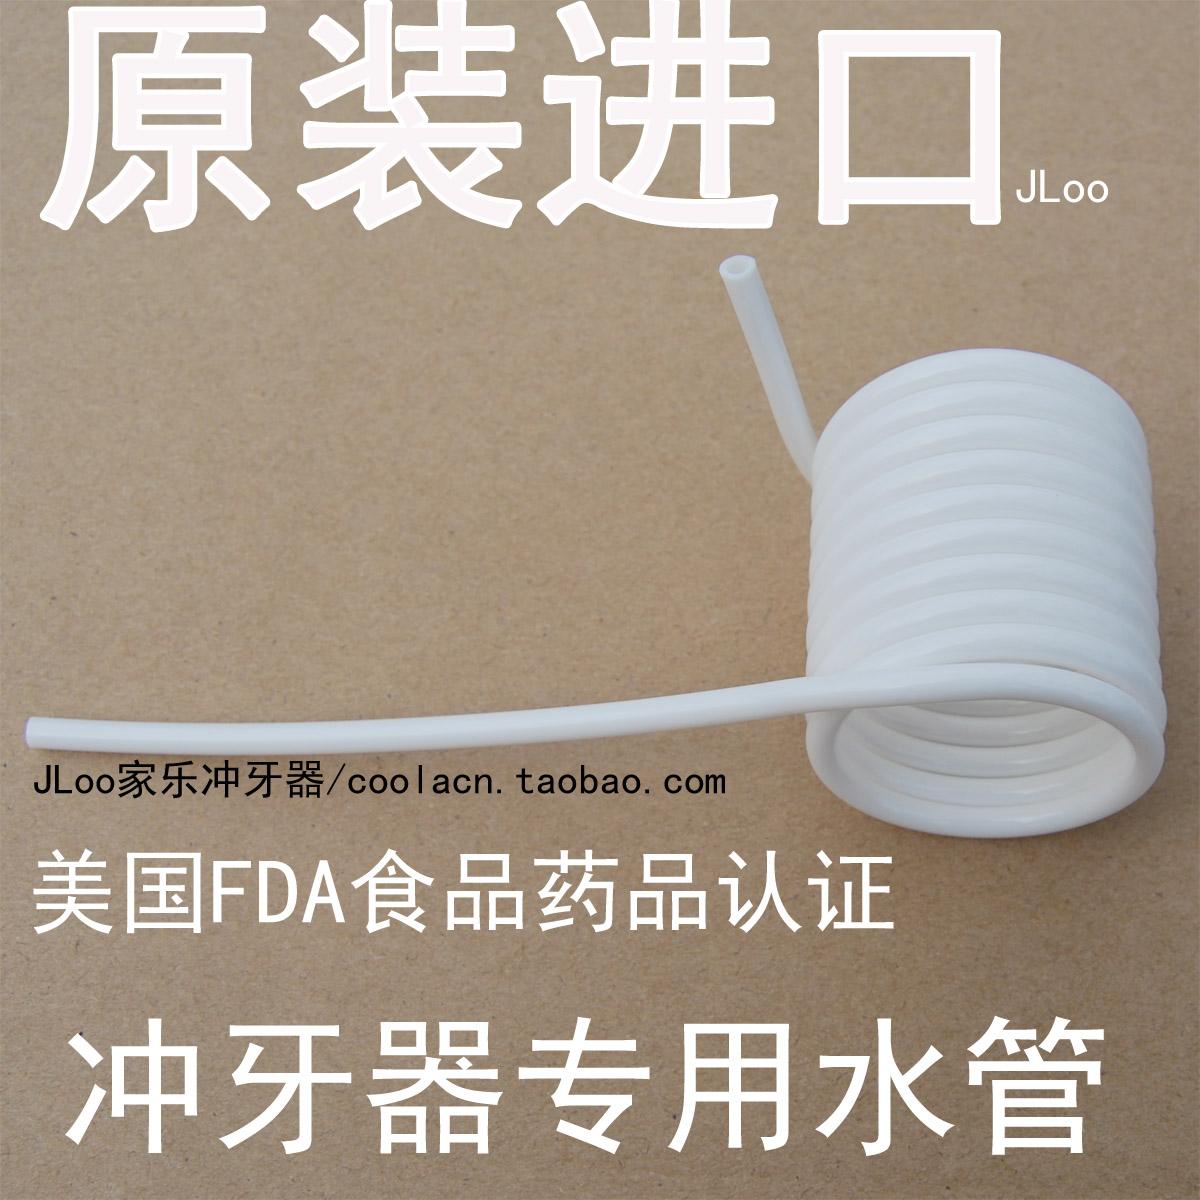 满58.00元可用1元优惠券原装进口冲牙器水管冲牙机水牙线洗牙器之寿命长的冲牙器配件水管